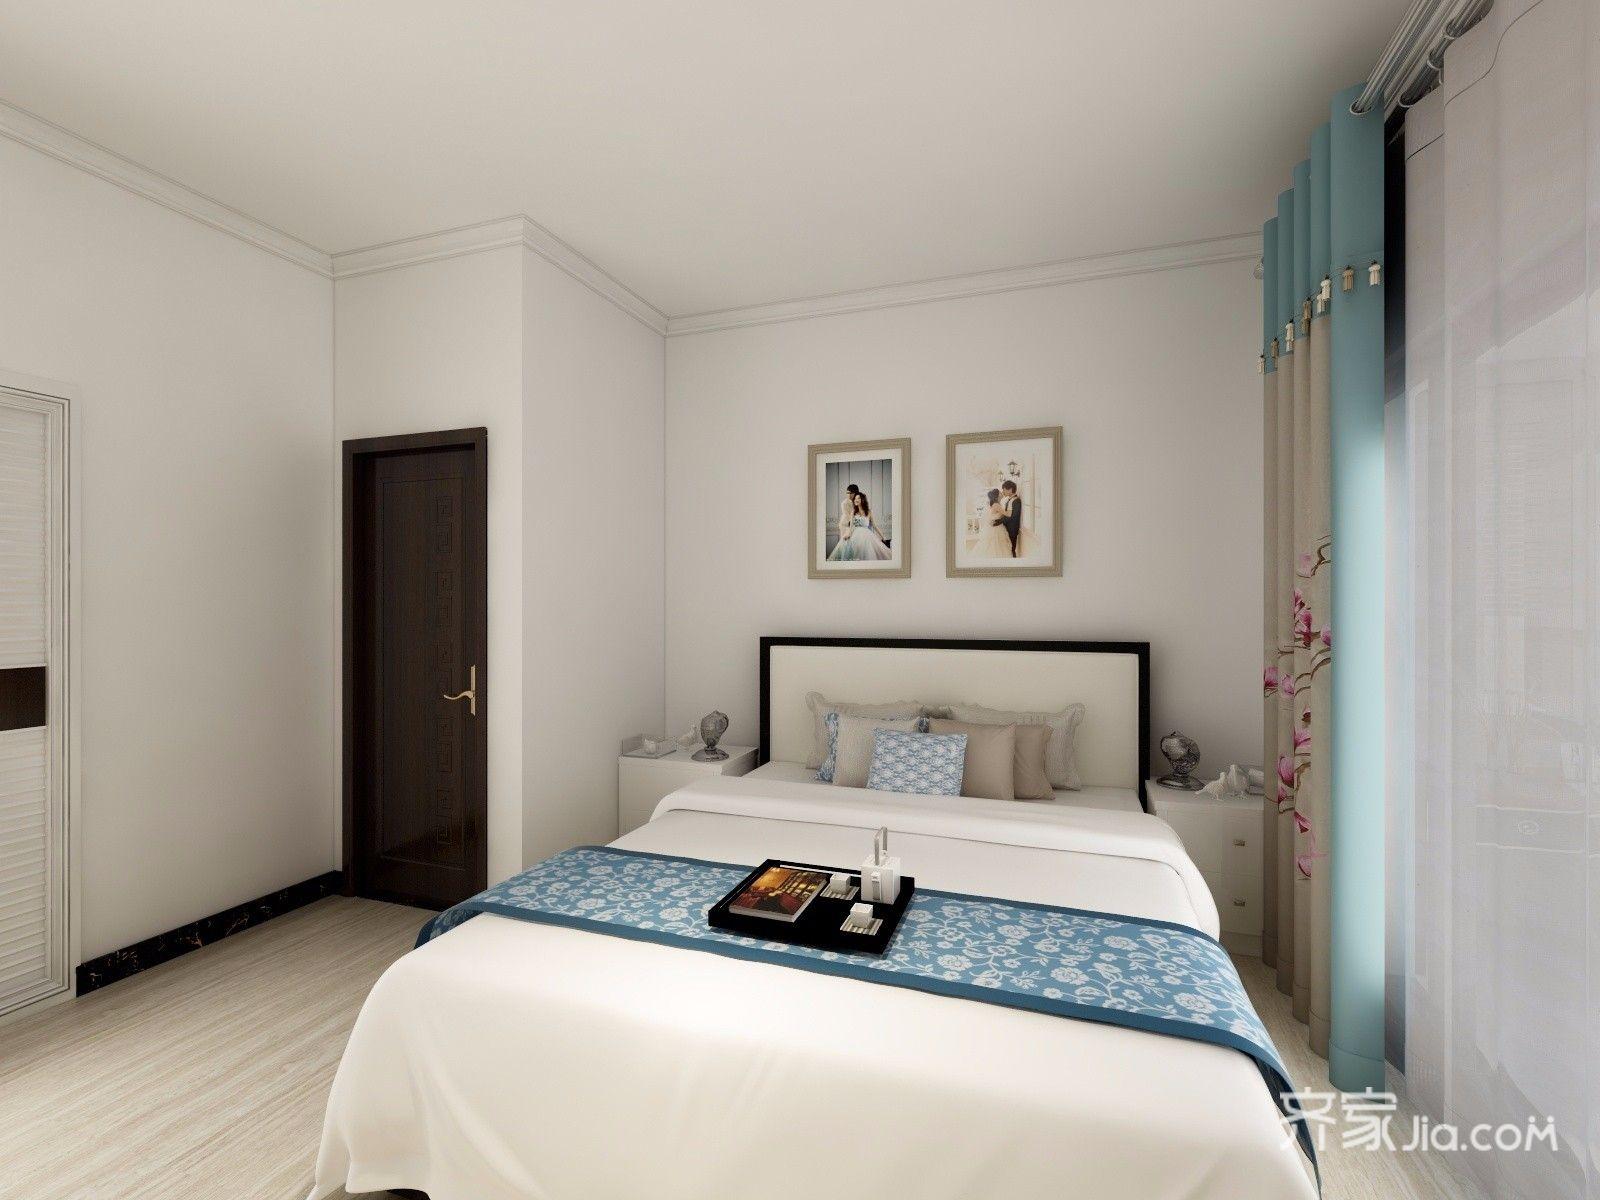 120平米中式风格卧室装修效果图